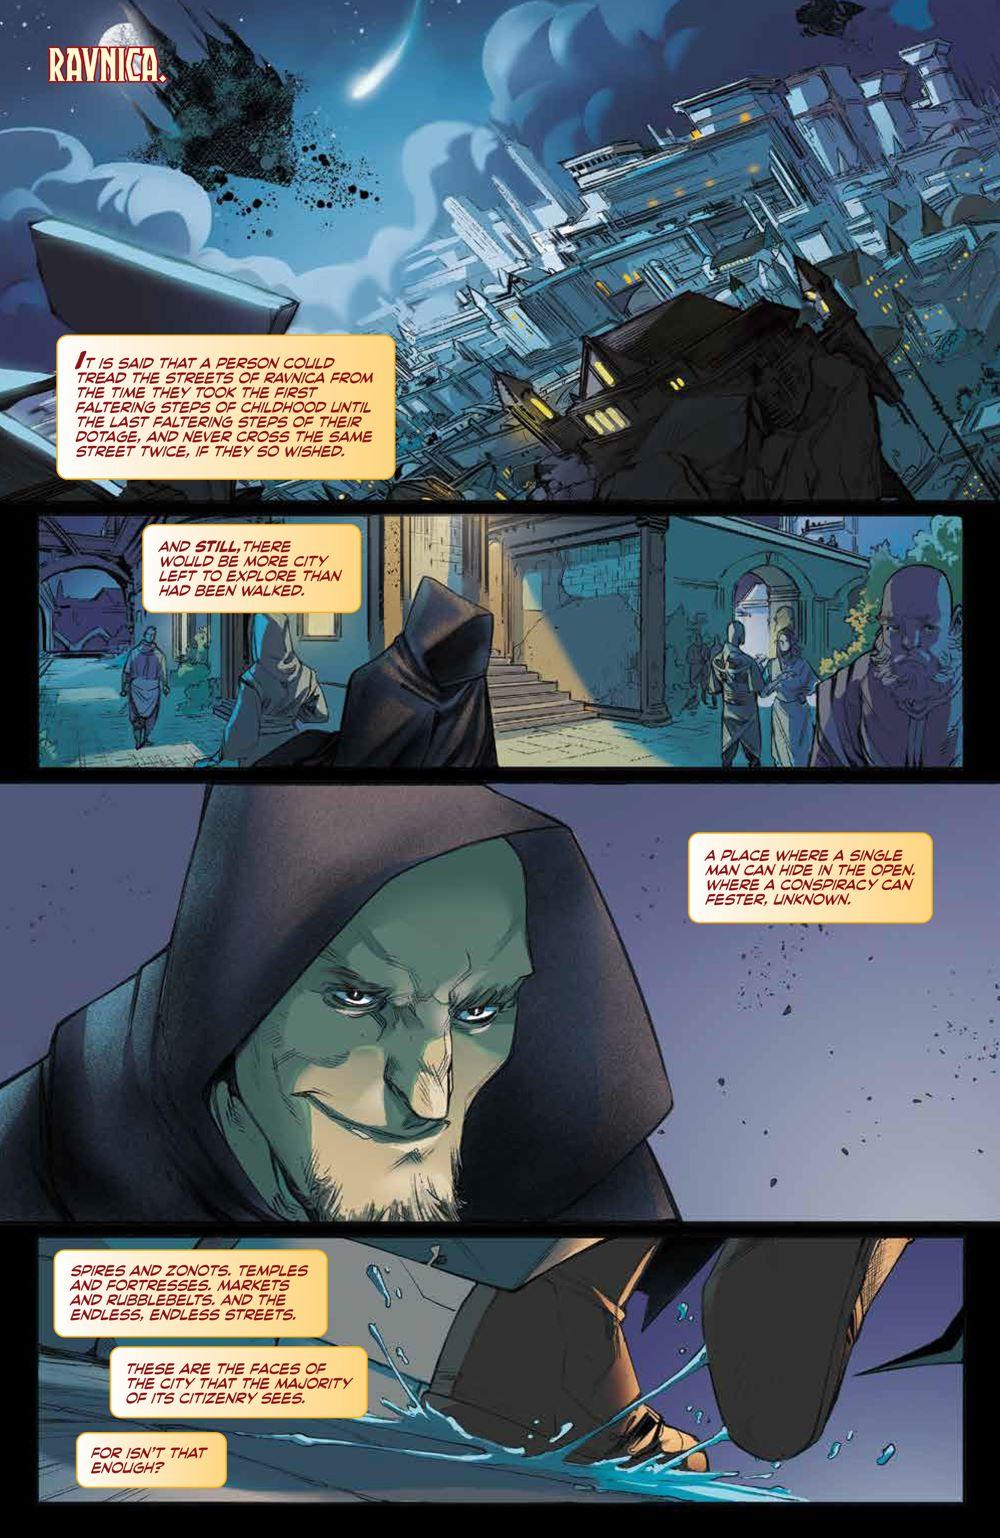 Magic_003_PRESS_3-1 ComicList Previews: MAGIC #3